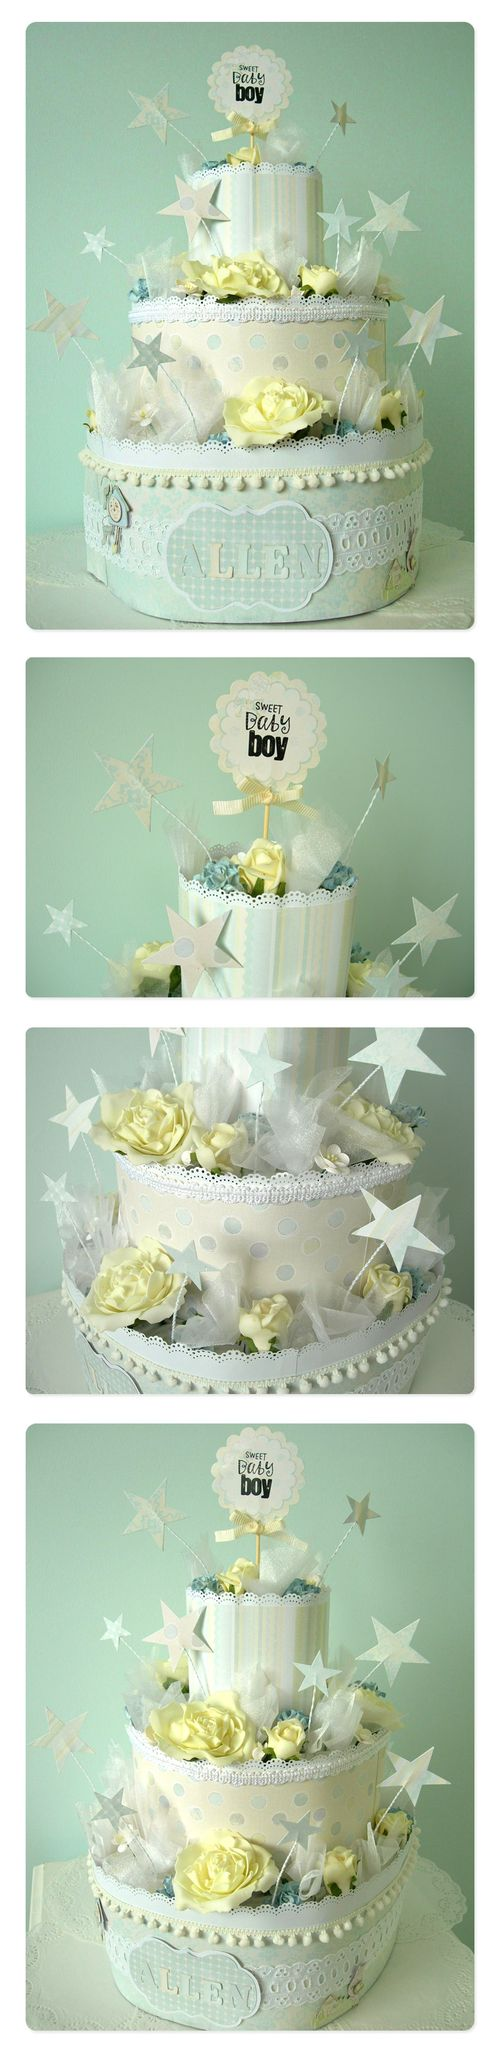 Blog - Yana baby cake